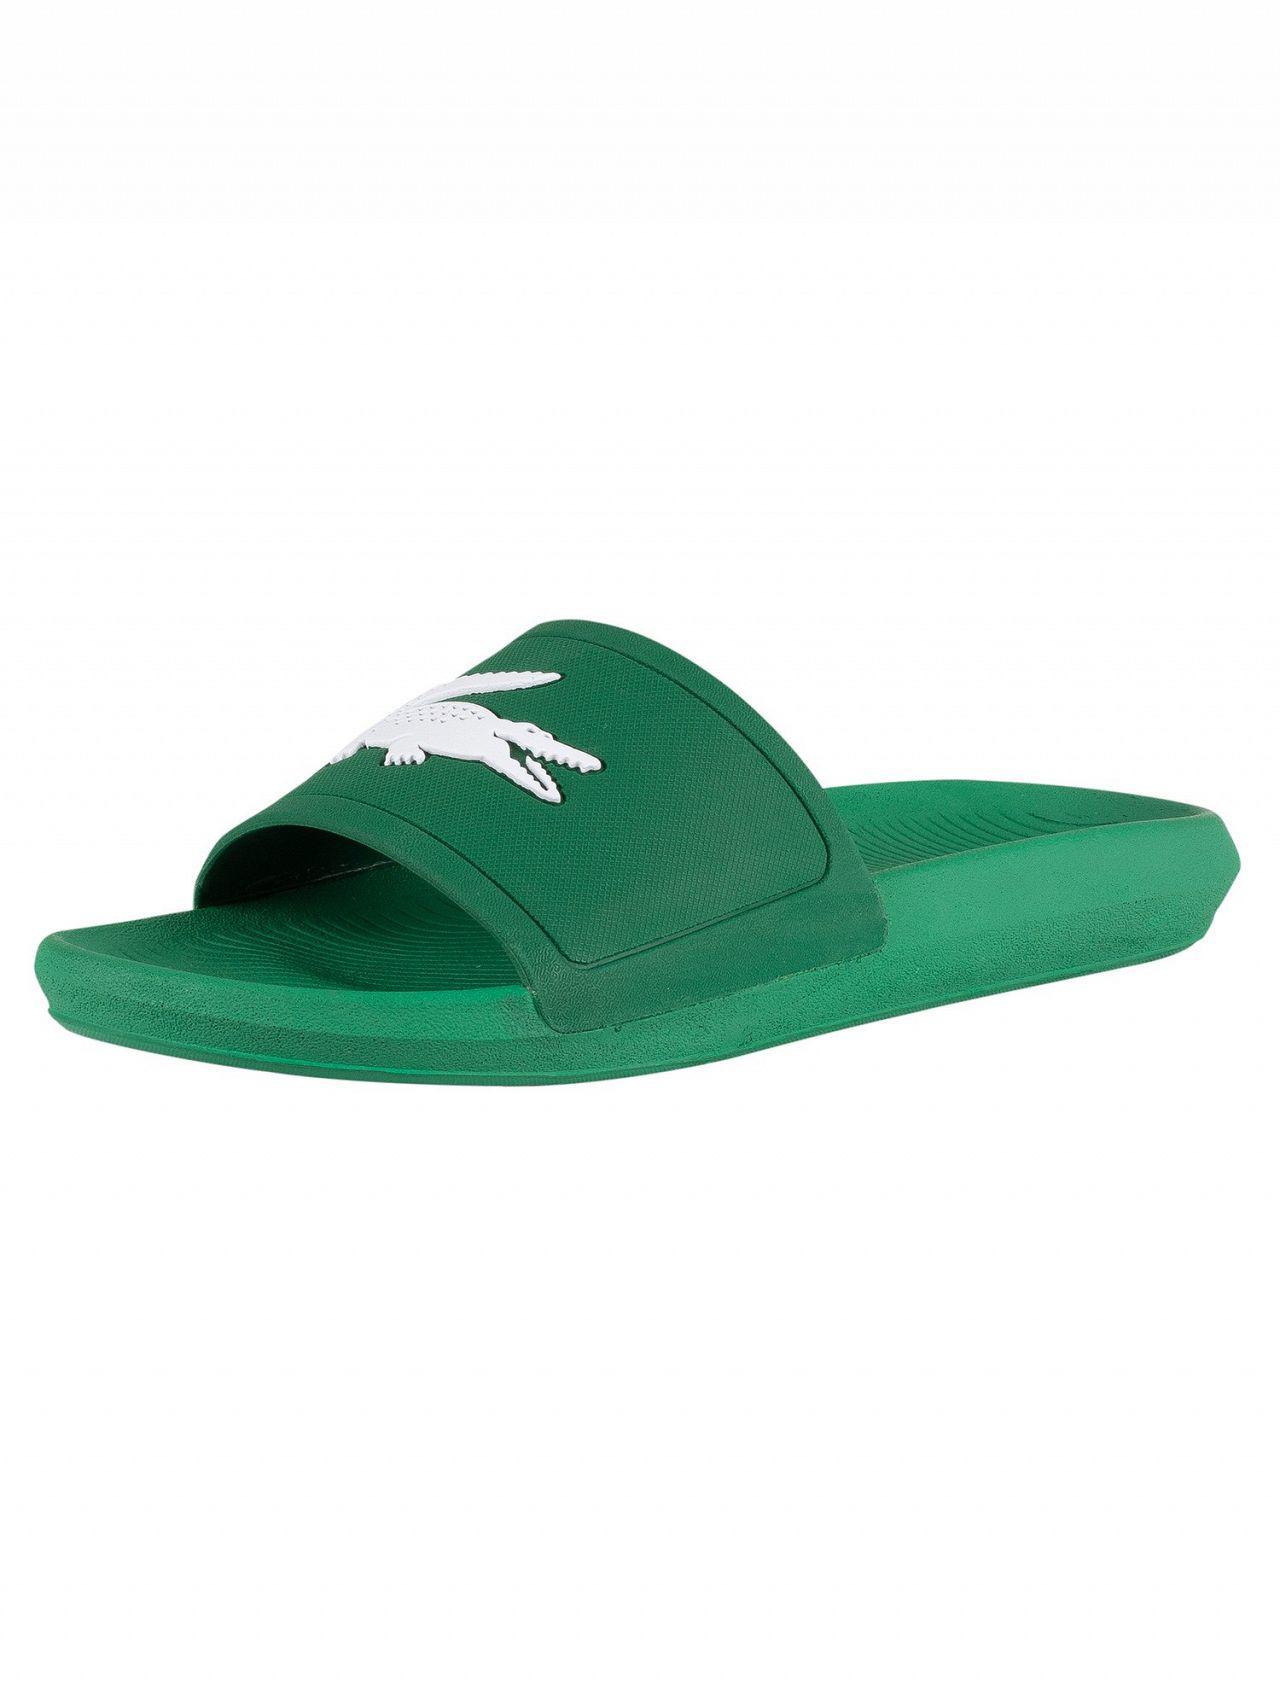 6b99d32dd80e Lacoste Green white Croco 119 1 Cma Sliders in Green for Men - Lyst